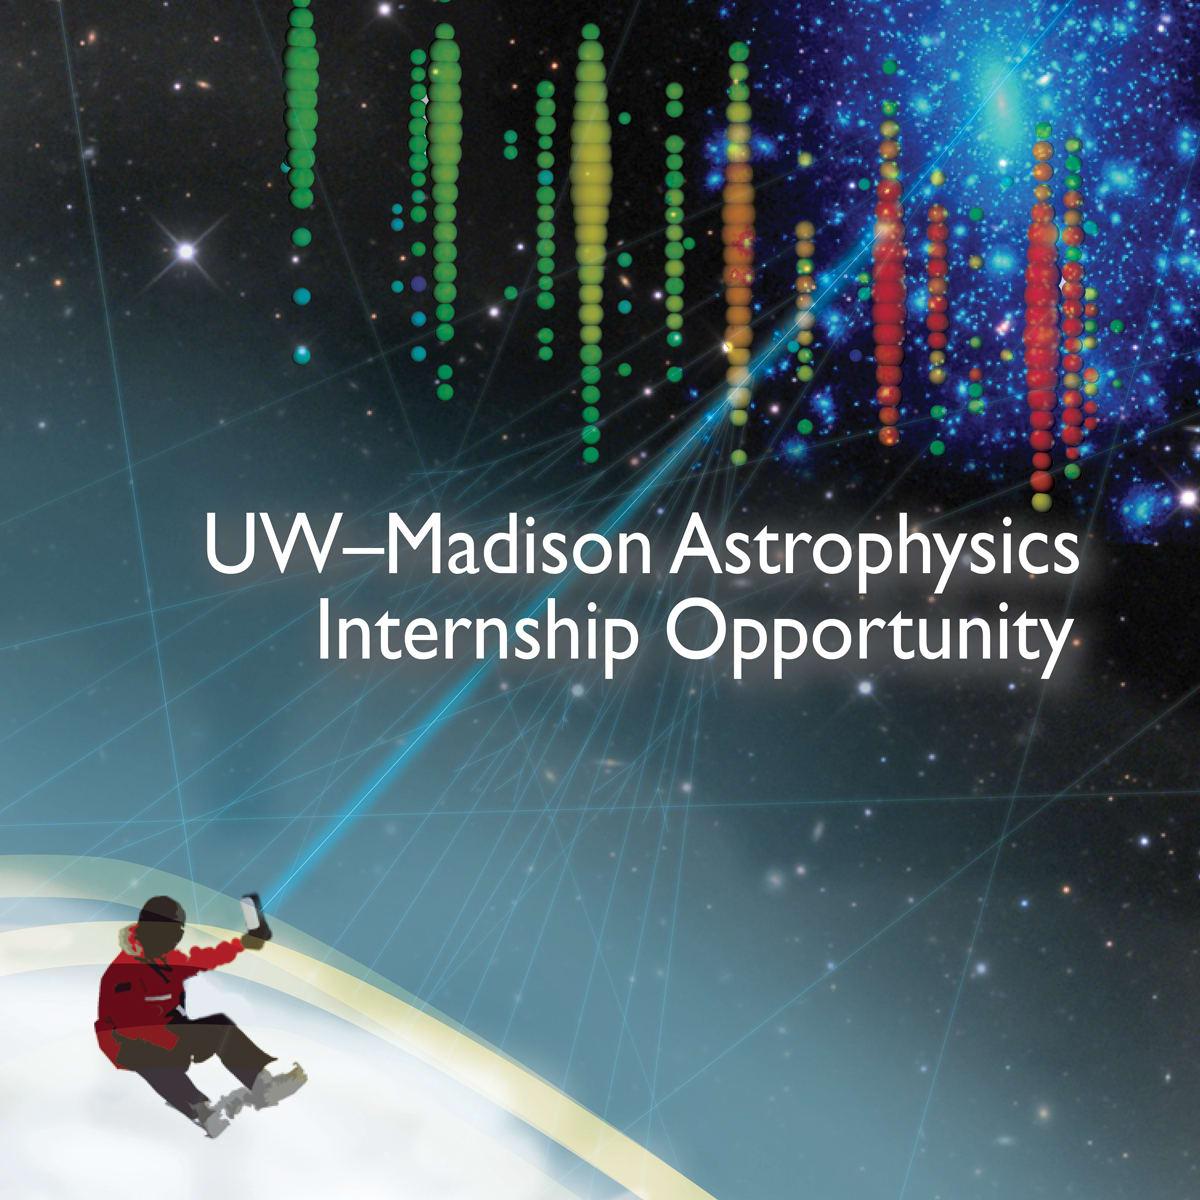 news_feat_applications-open-for-high-school-astrophysics-internship